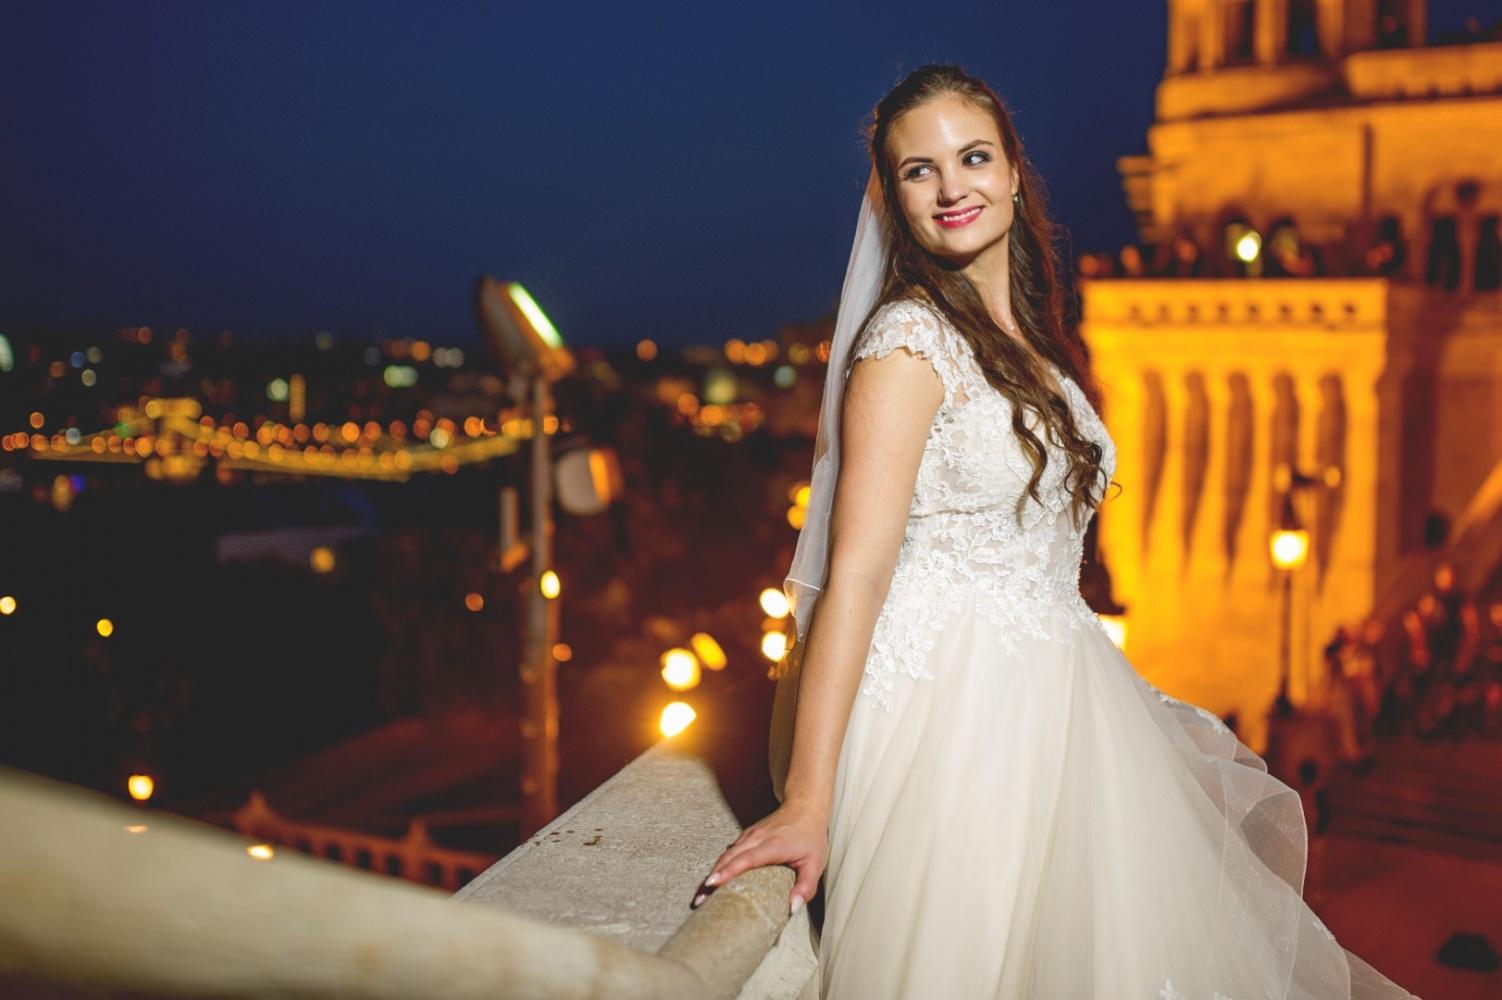 http://www.fotoz.sk/images/gallery-31/normal/eskuvo_dunaharaszti-rendezvenyhaz_035.jpg